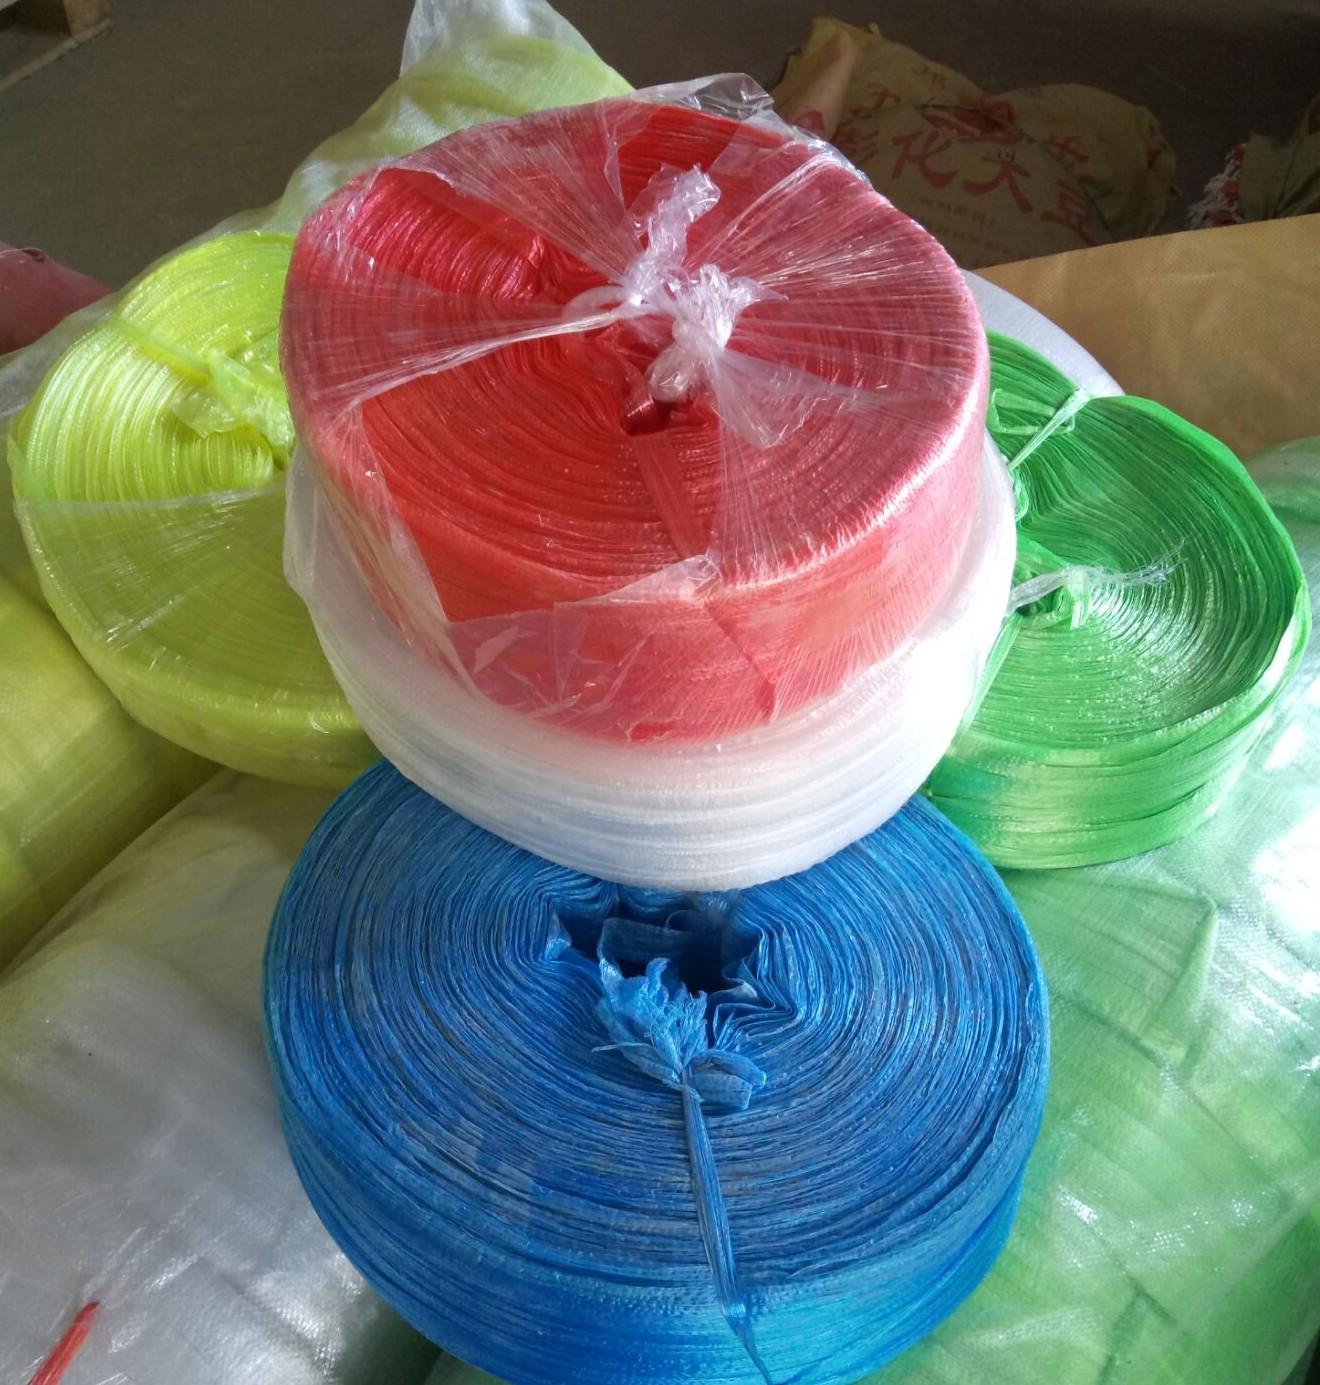 [塑料绳子捆绑绳透明尼龙绳 ] пакет [装带捆扎绳打] пакет [绳子] оптовые продажи бесплатная доставка по китаю [耐磨]